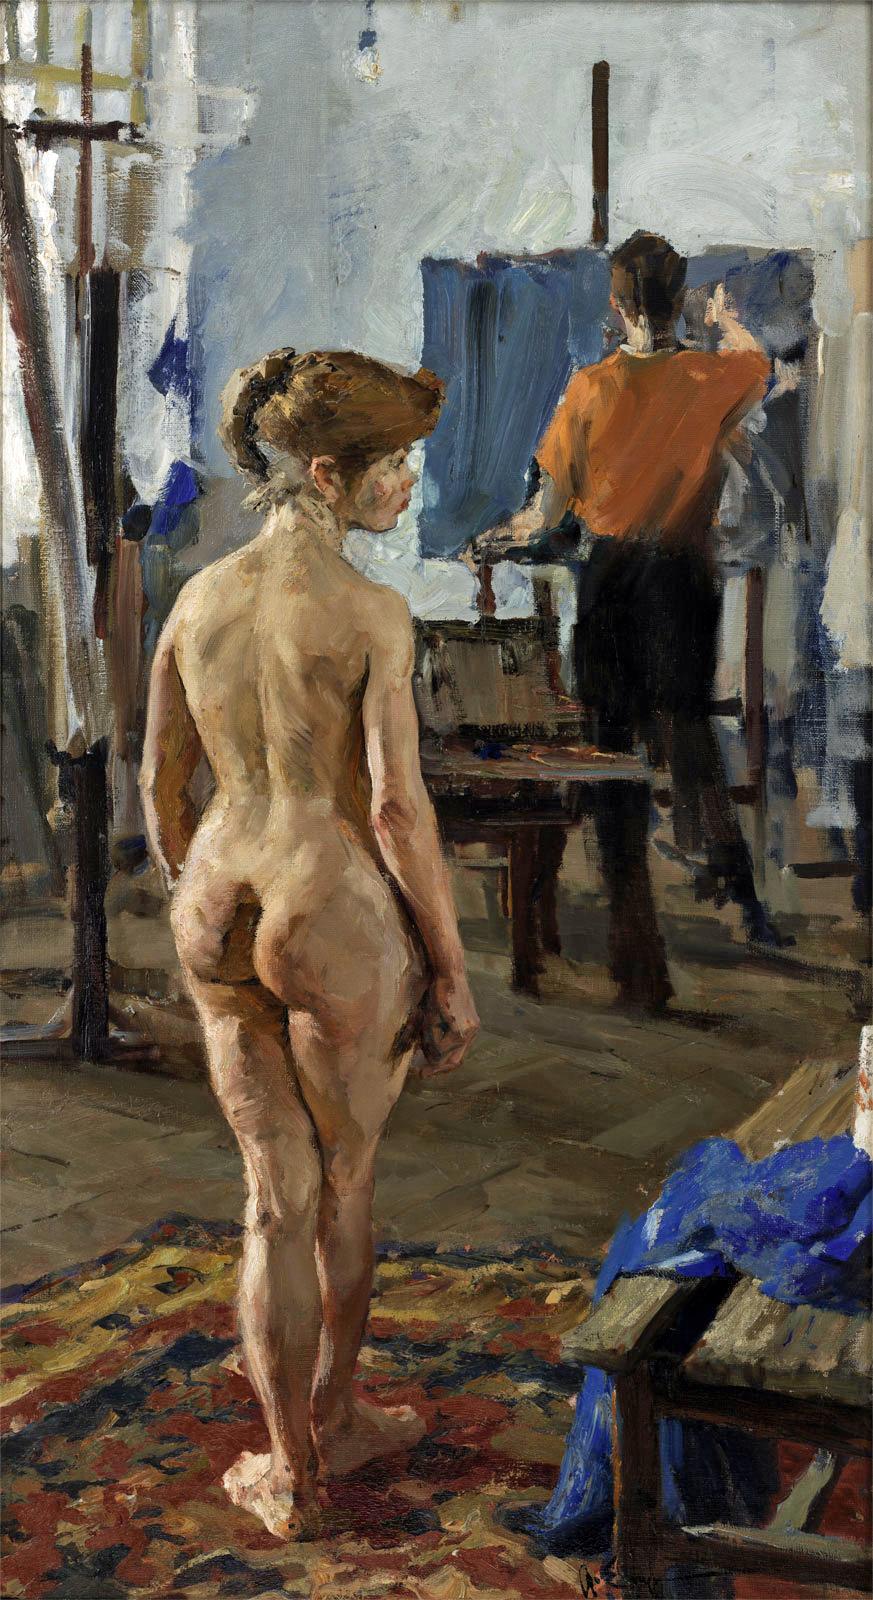 Эротика в советском искусстве 2 фотография